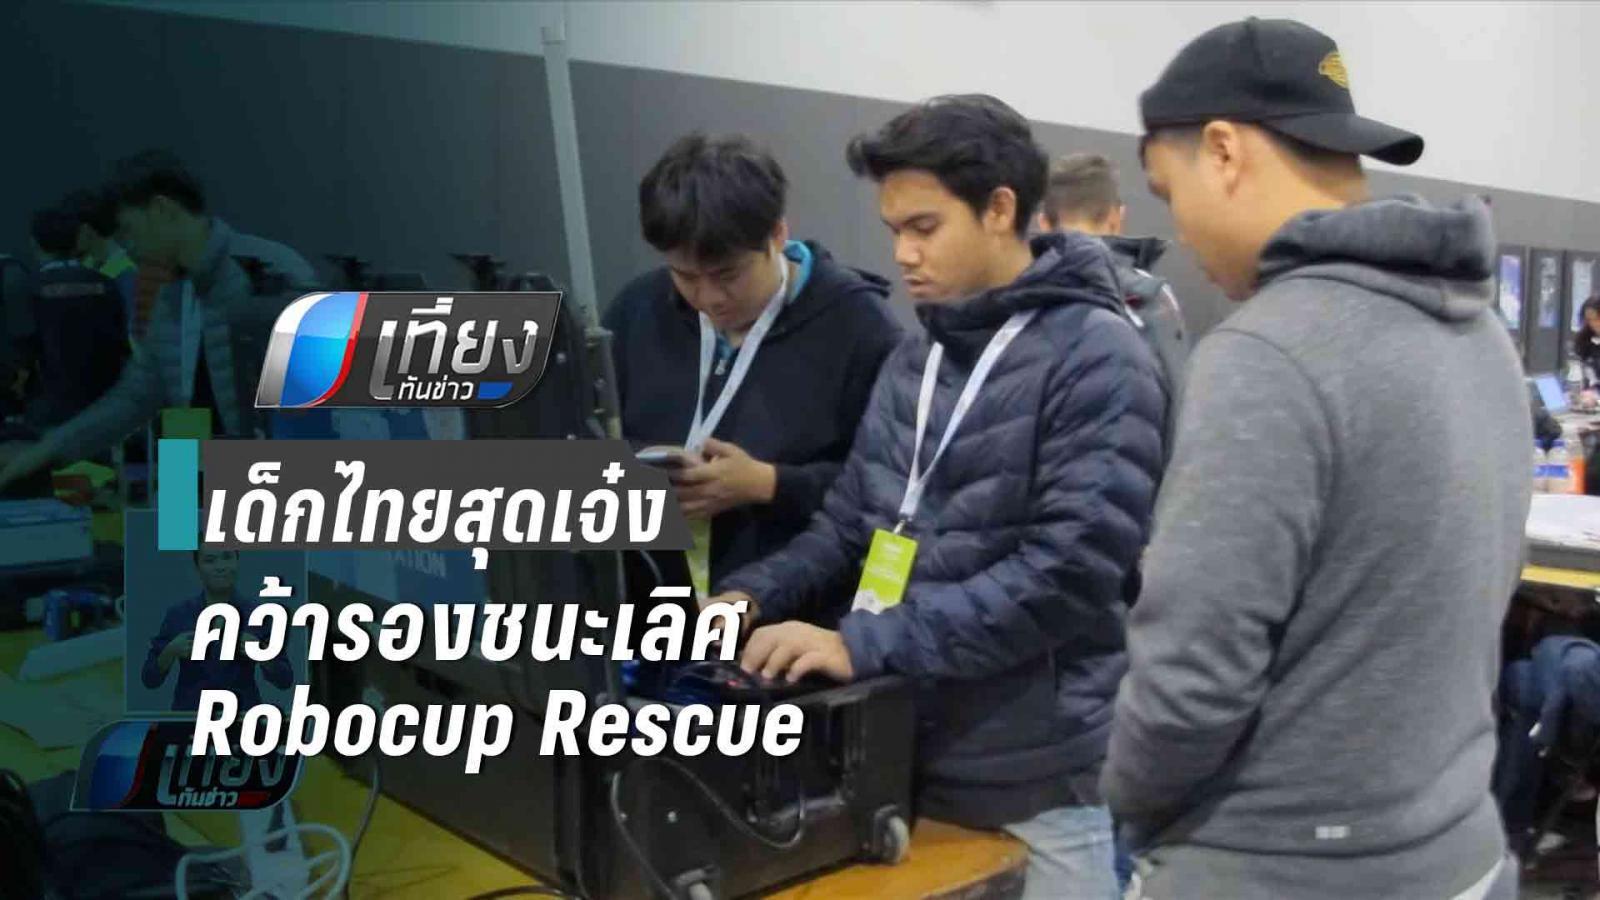 นศ.ไทย คว้าสองรางวัล  World Robocup Rescue 2019